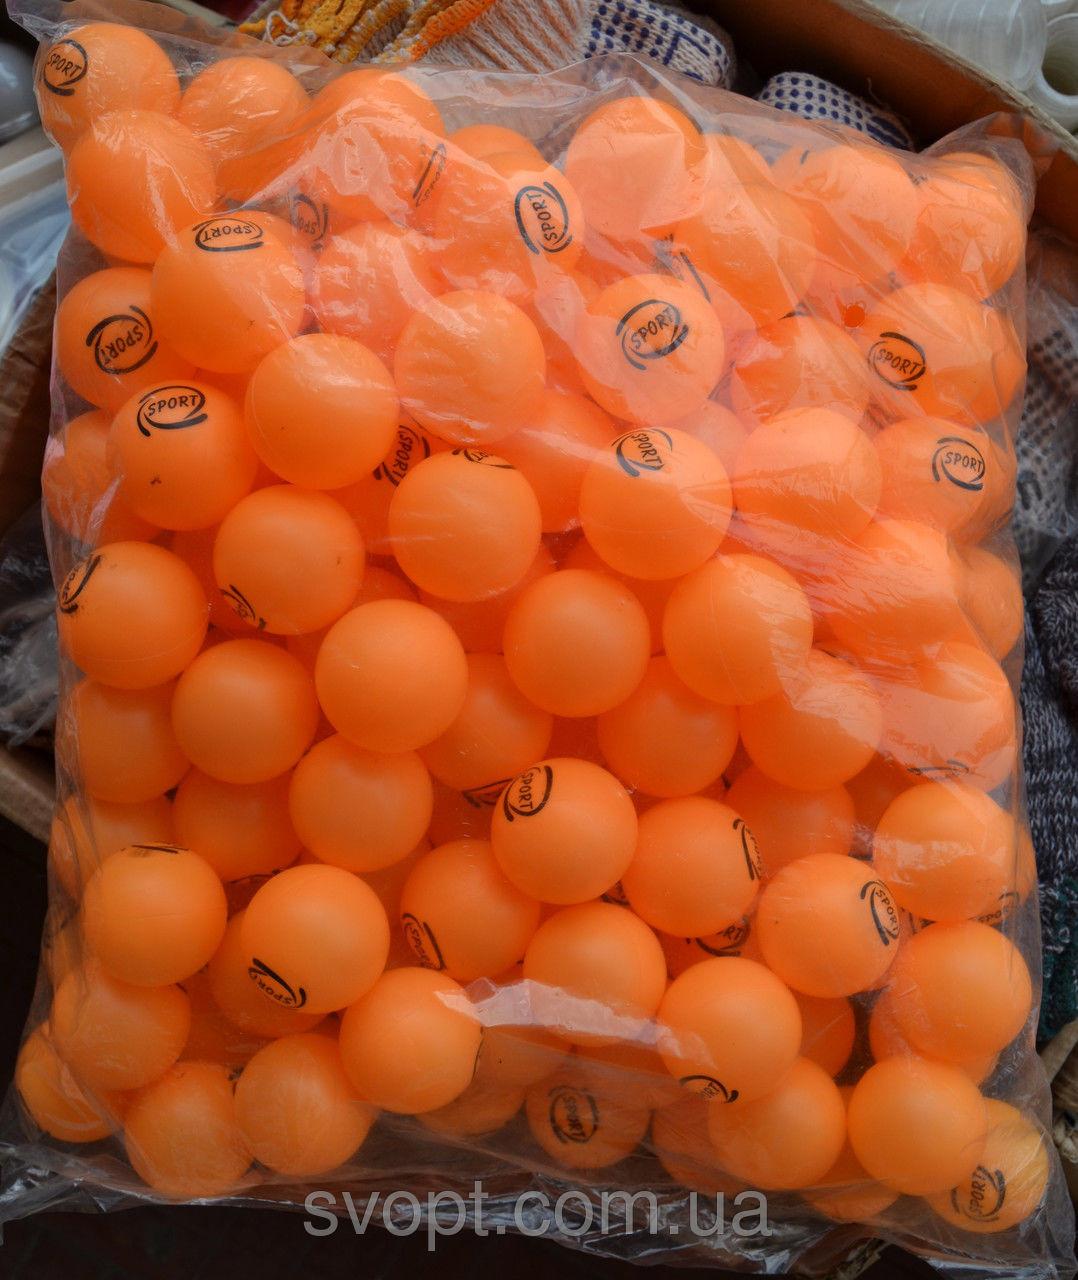 Шарики для настольного тенниса 150 штук оранж